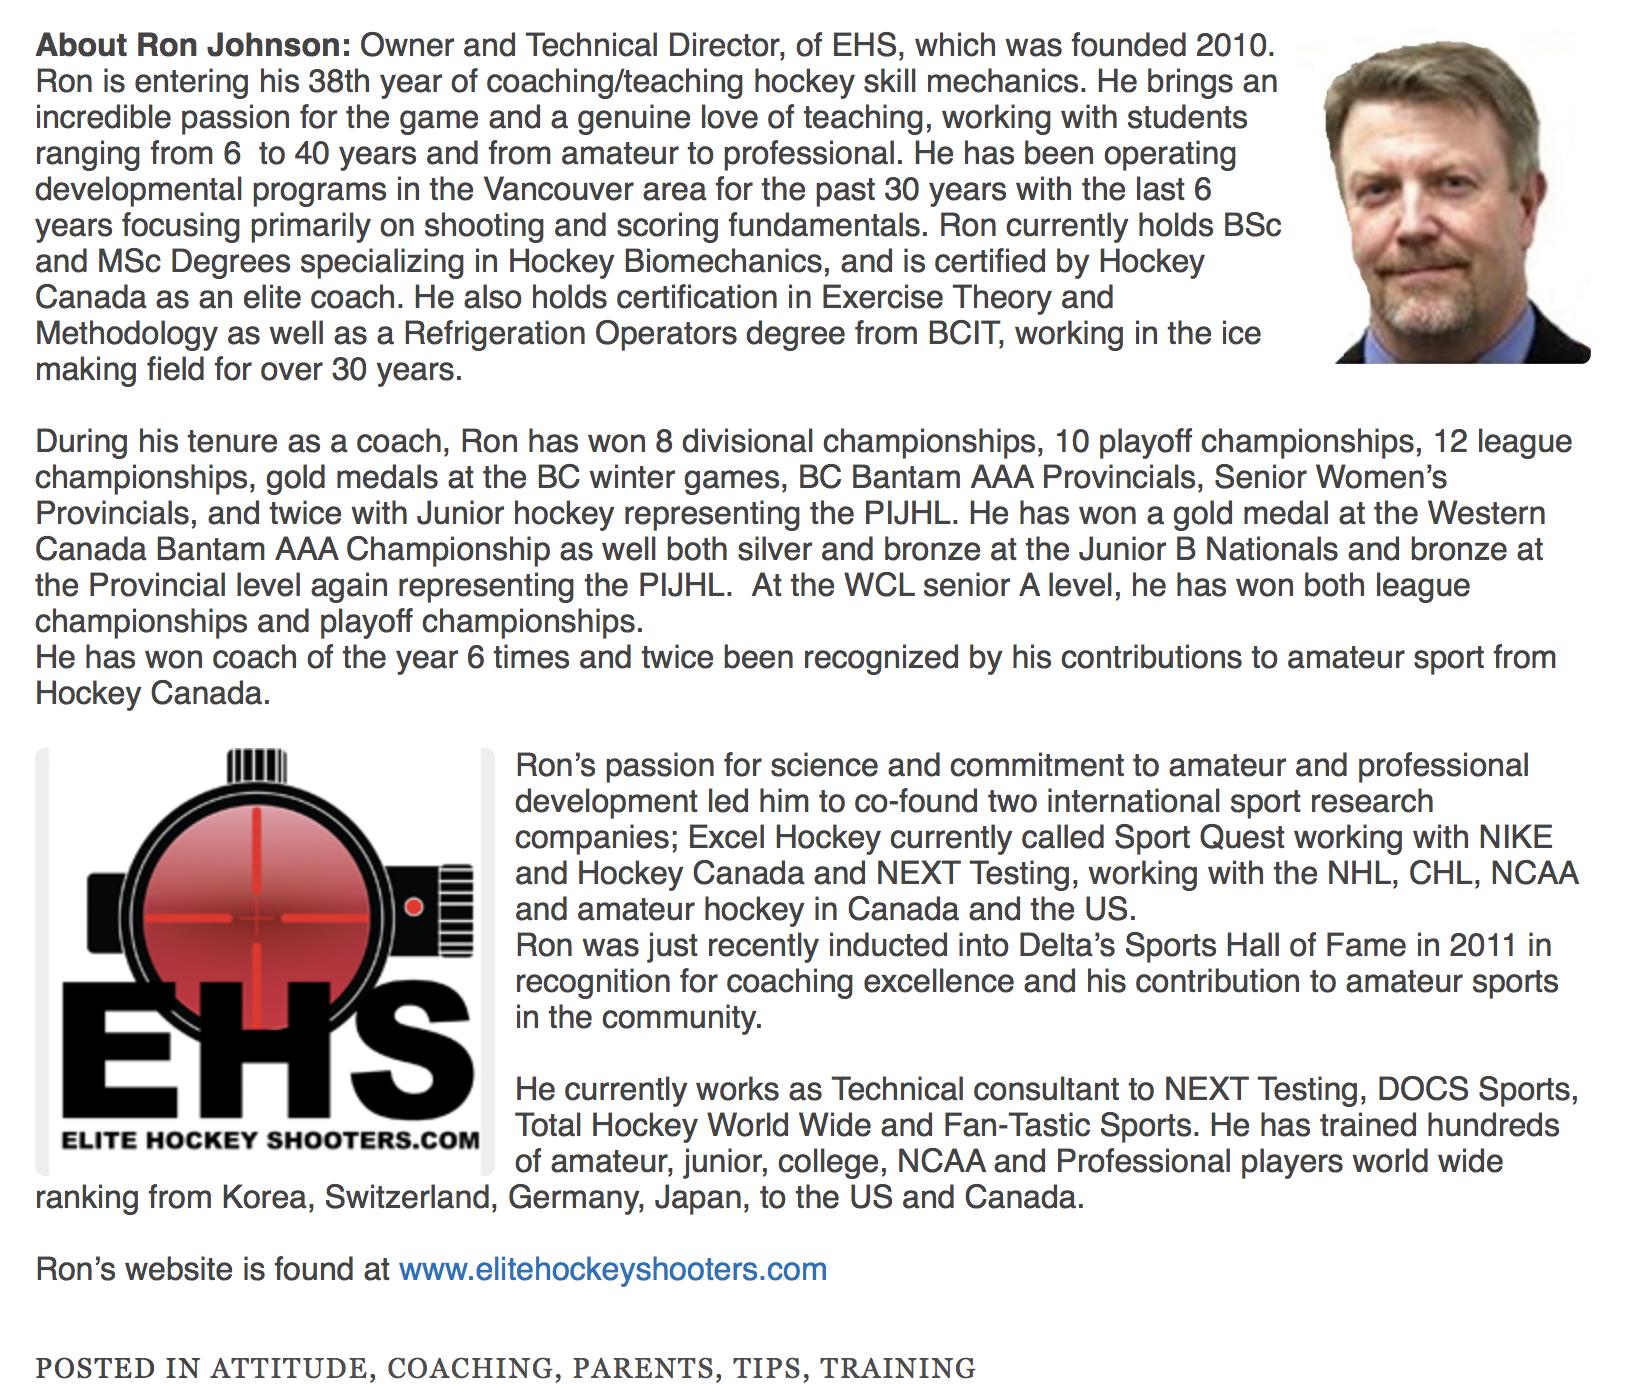 Ron Johnson's Newsletter